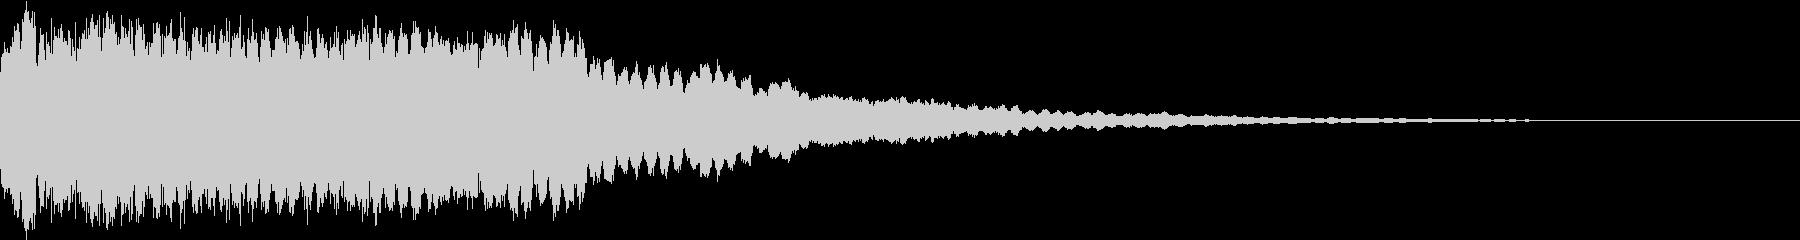 キュイン キュイーン ピカーン 光るの未再生の波形